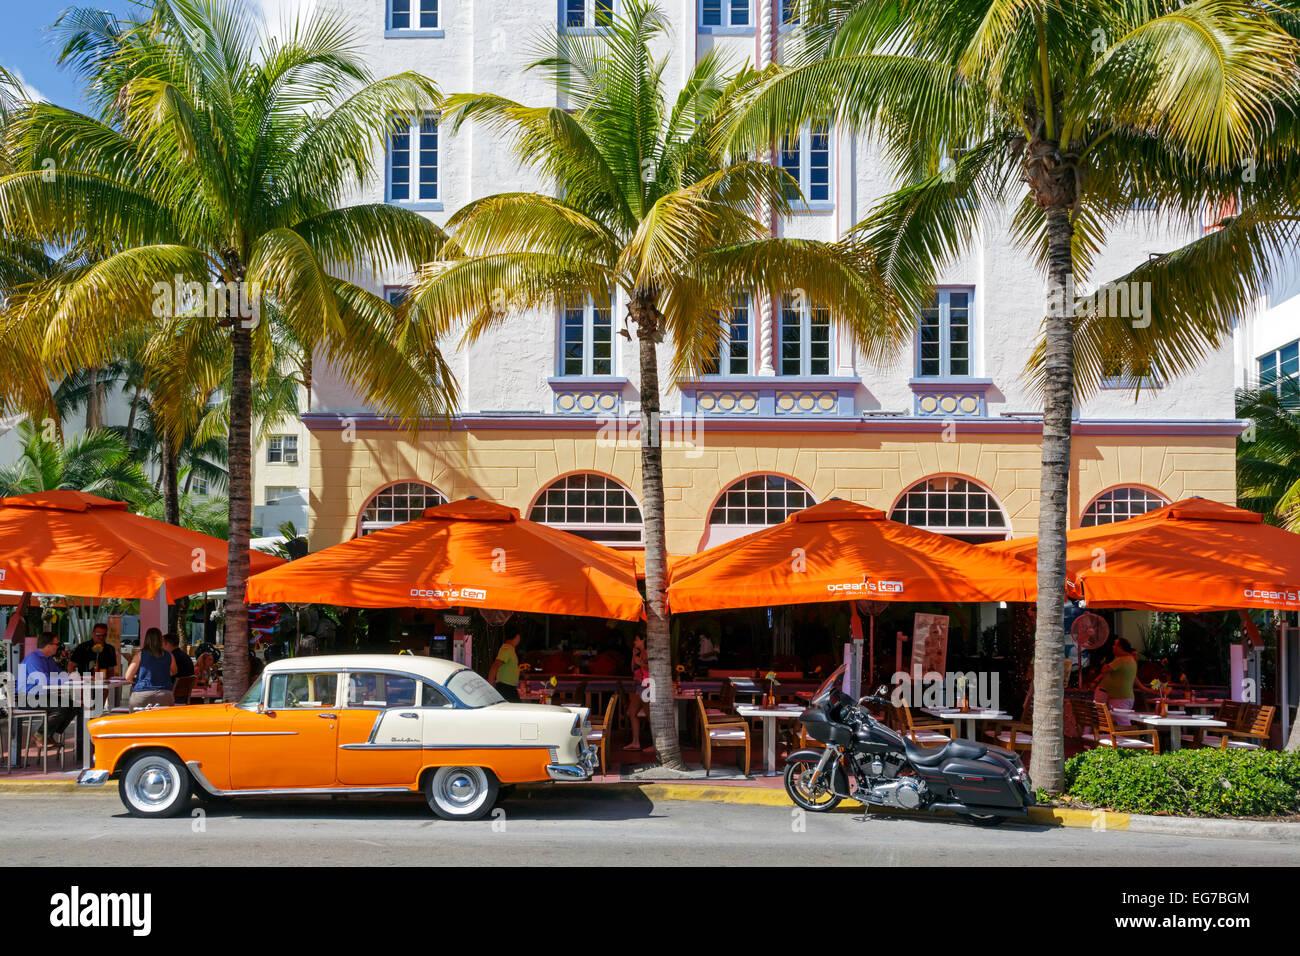 Diseño de edificios Art Deco de Ocean Drive, South Beach, Miami, Florida, EE.UU., con una cafetería restaurante Imagen De Stock